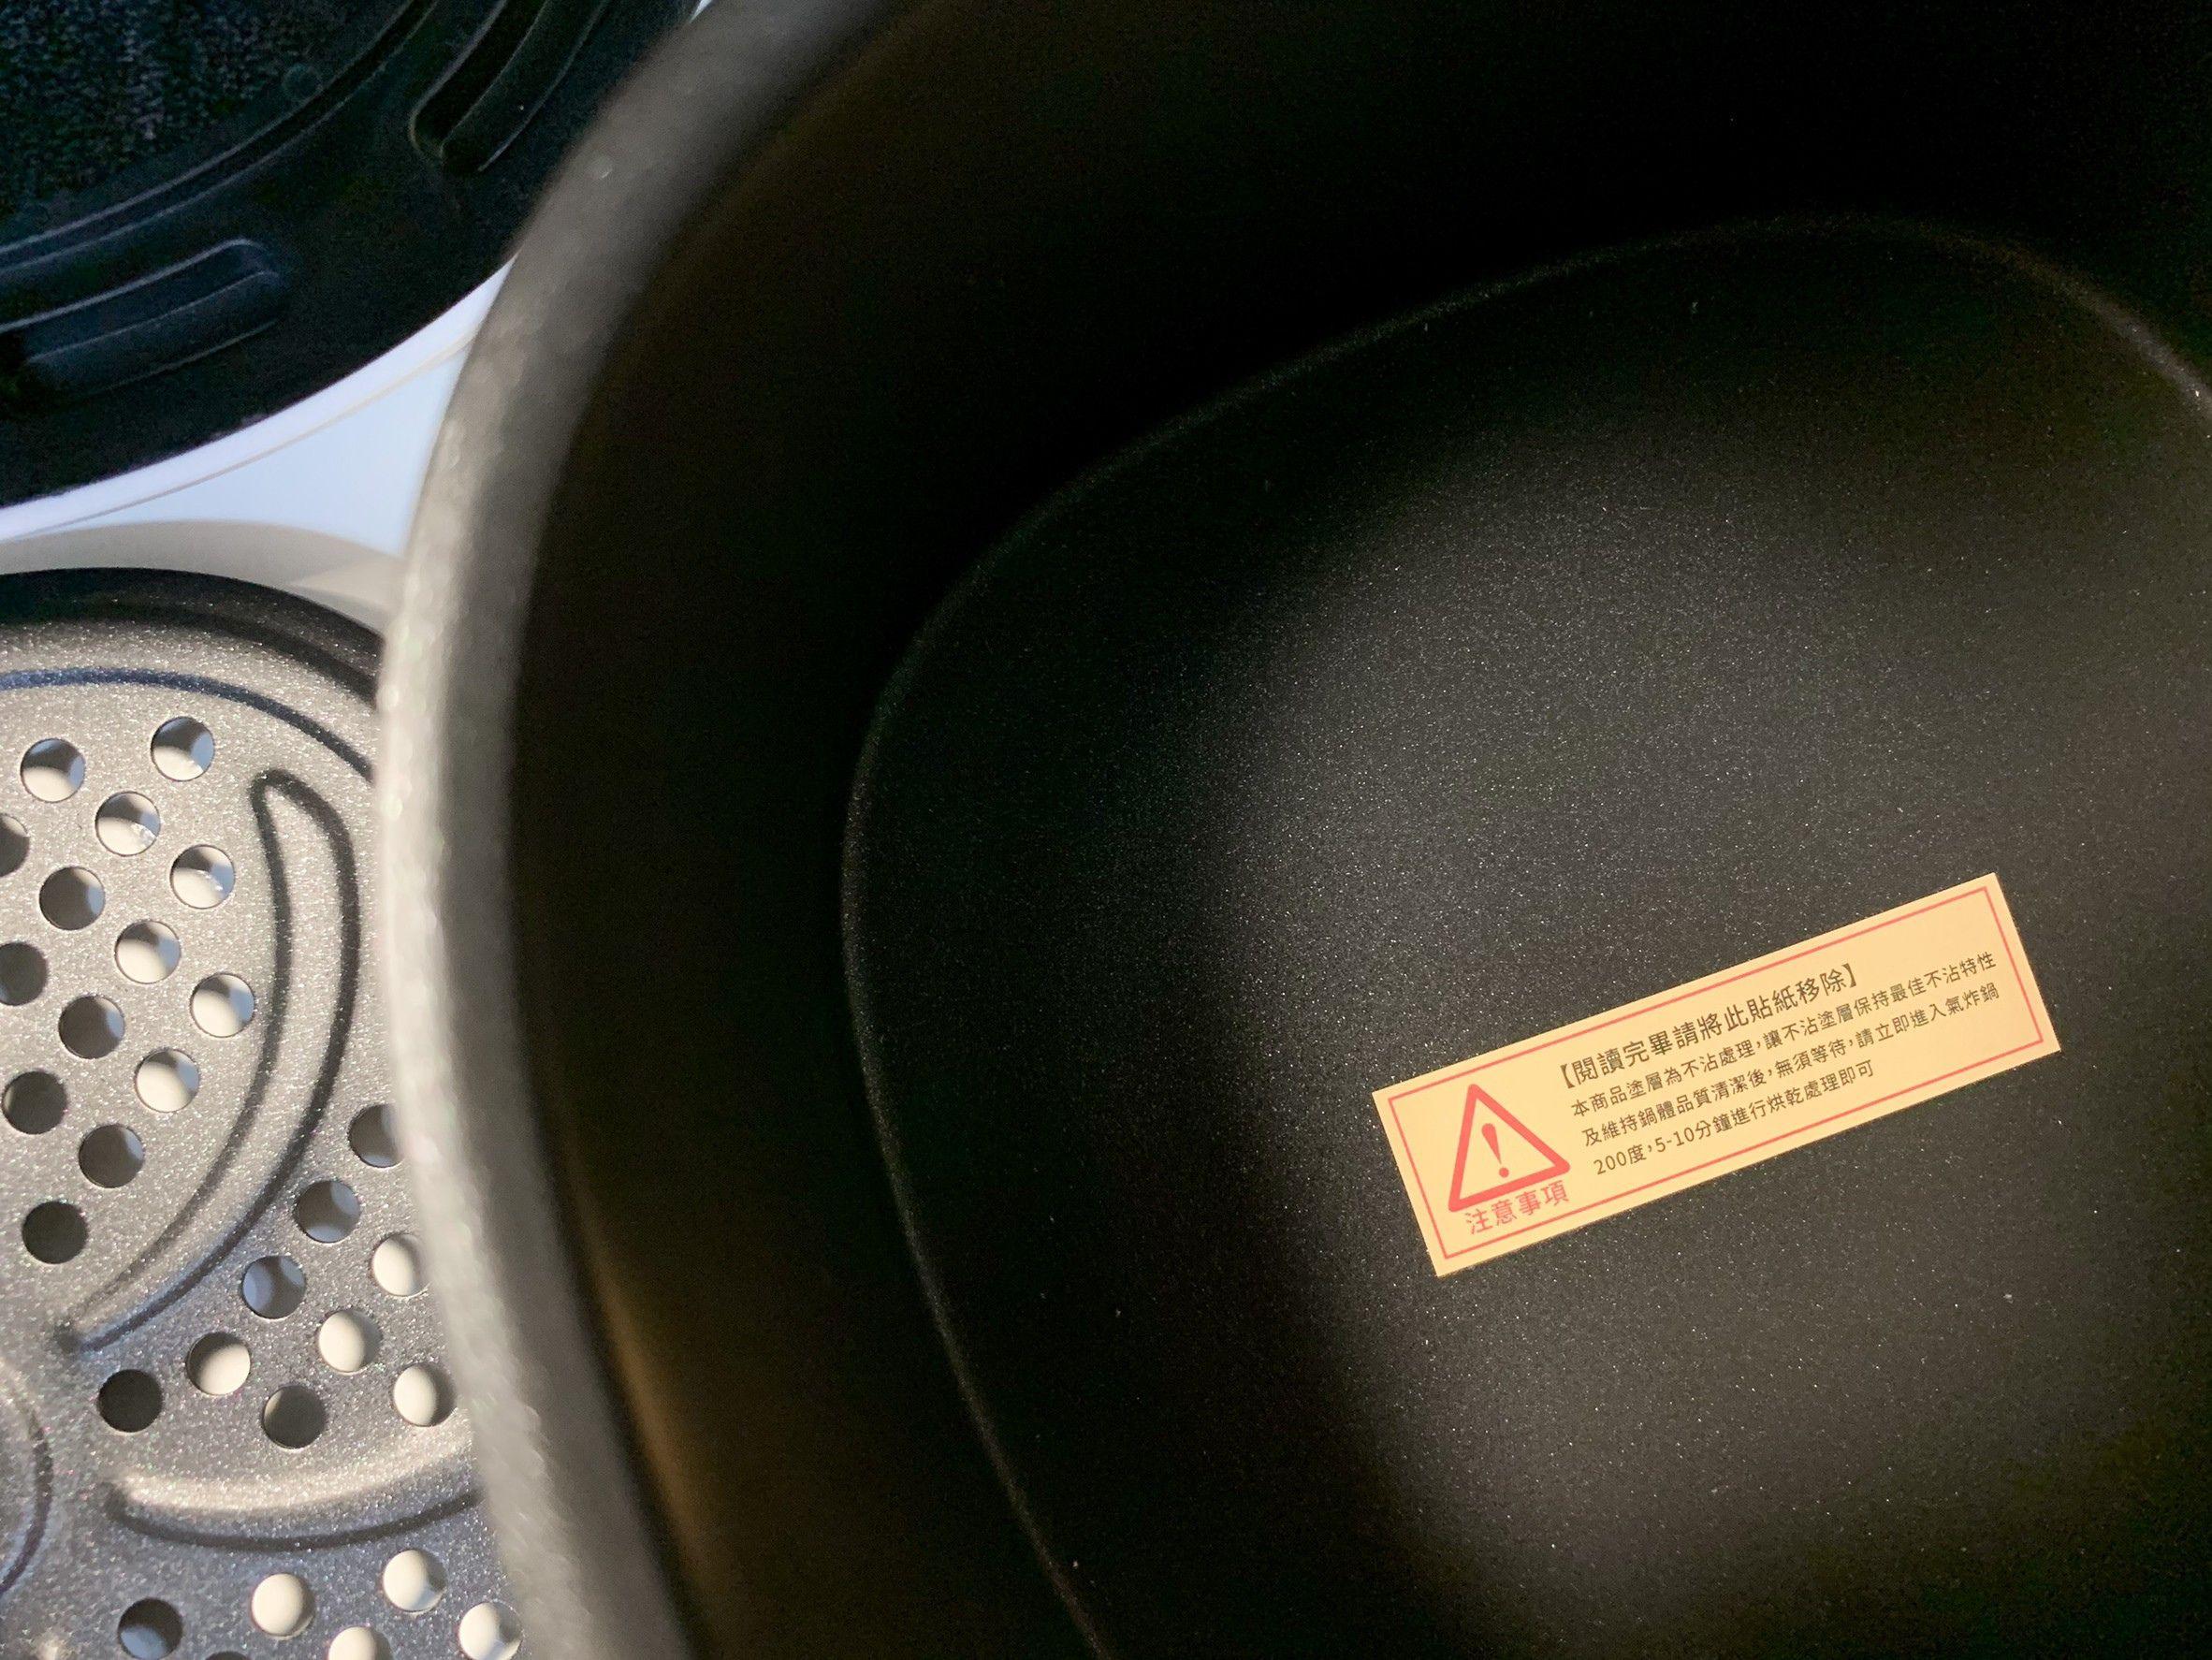 Arlink 小白同學氣炸鍋│是家電也是藝術品!輕巧超省空間x北歐風美型氣炸鍋,通過SGS無毒檢驗【獨家不沾塗層+1400W超大火力】料理快速又易清洗│母親節蛋糕DIY│玫瑰戚風蛋糕食譜